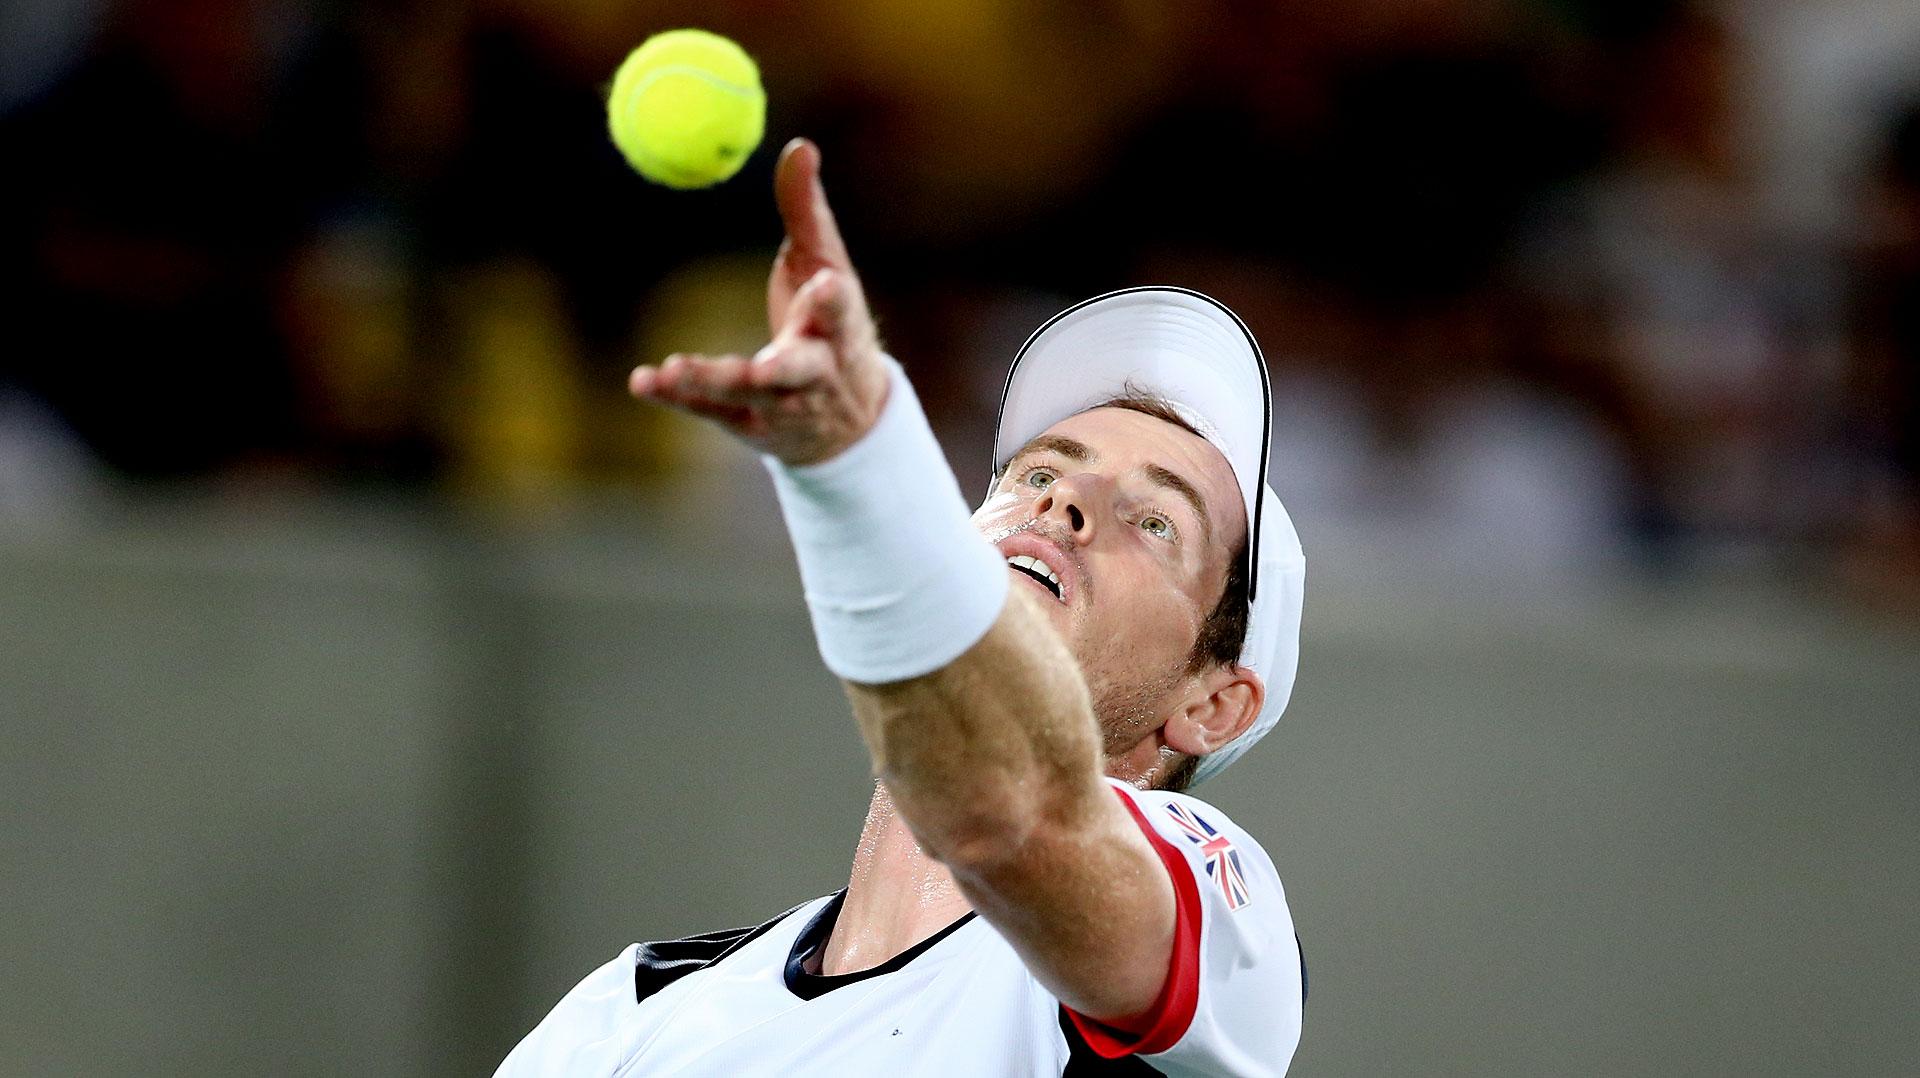 Andy Murray venció a Juan Martín del Potro en 4 sets y se llevó la medalla dorada en singles (Nicolás Stulberg)